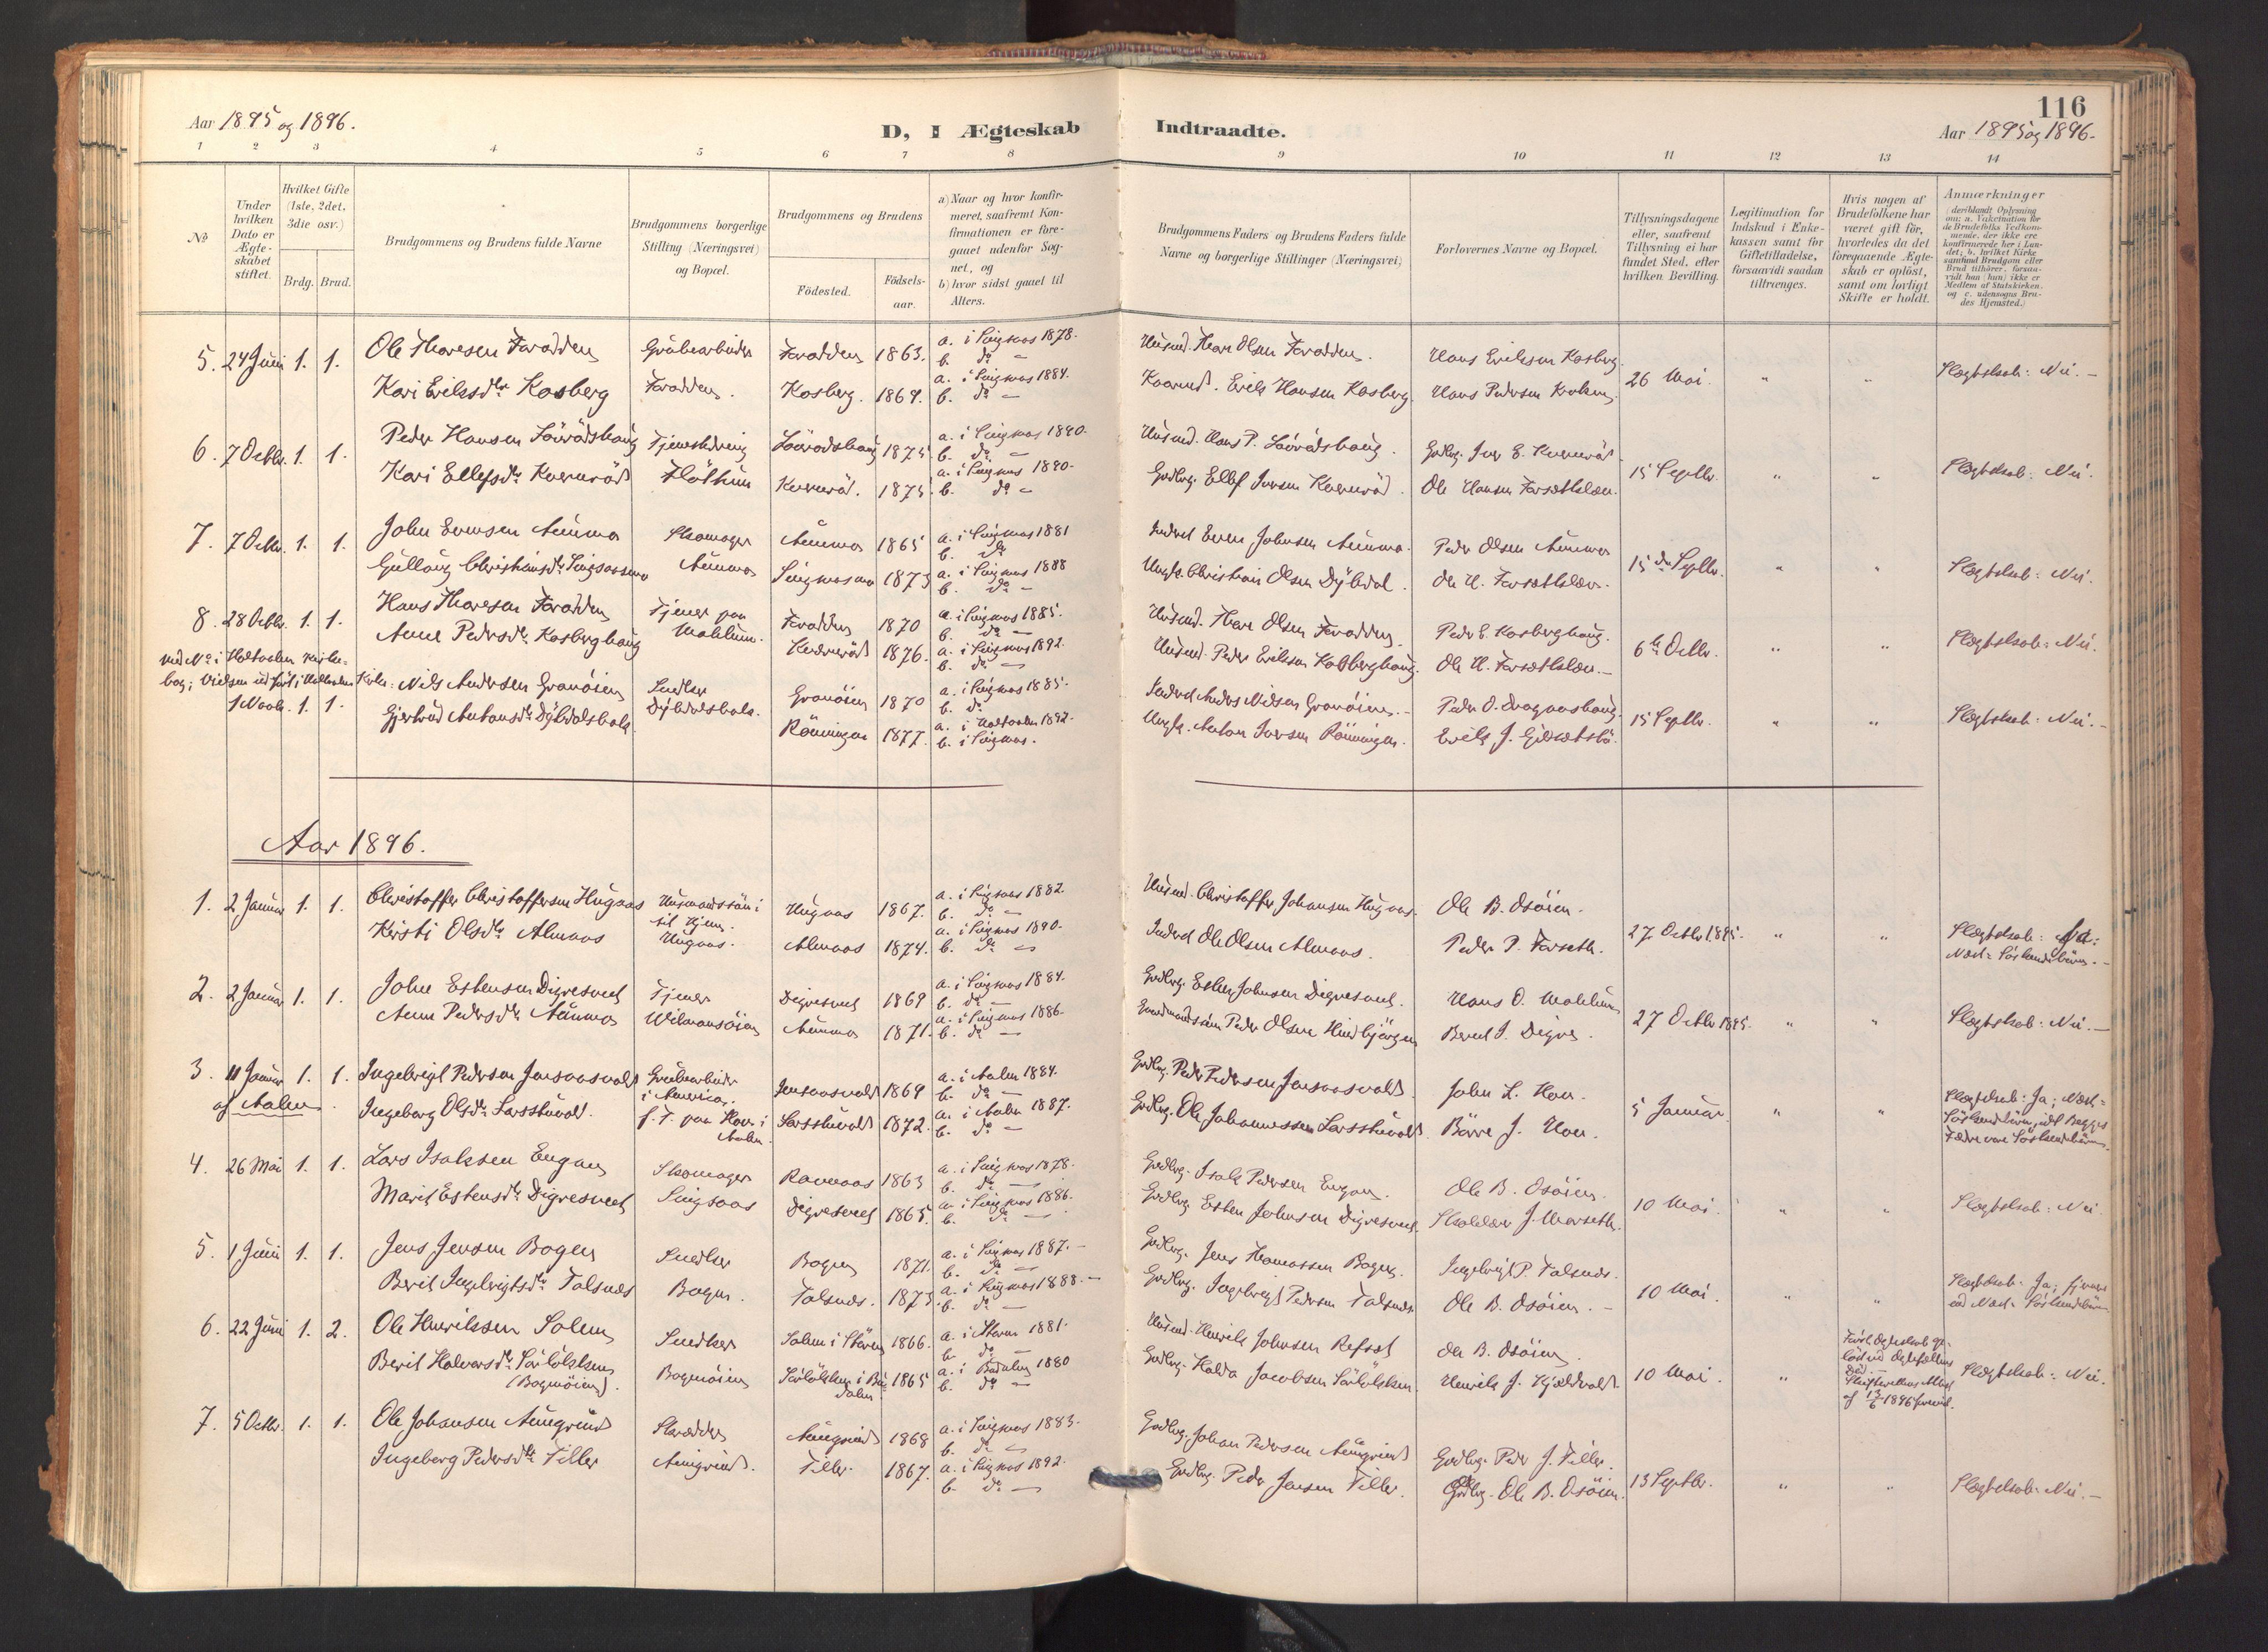 SAT, Ministerialprotokoller, klokkerbøker og fødselsregistre - Sør-Trøndelag, 688/L1025: Ministerialbok nr. 688A02, 1891-1909, s. 116